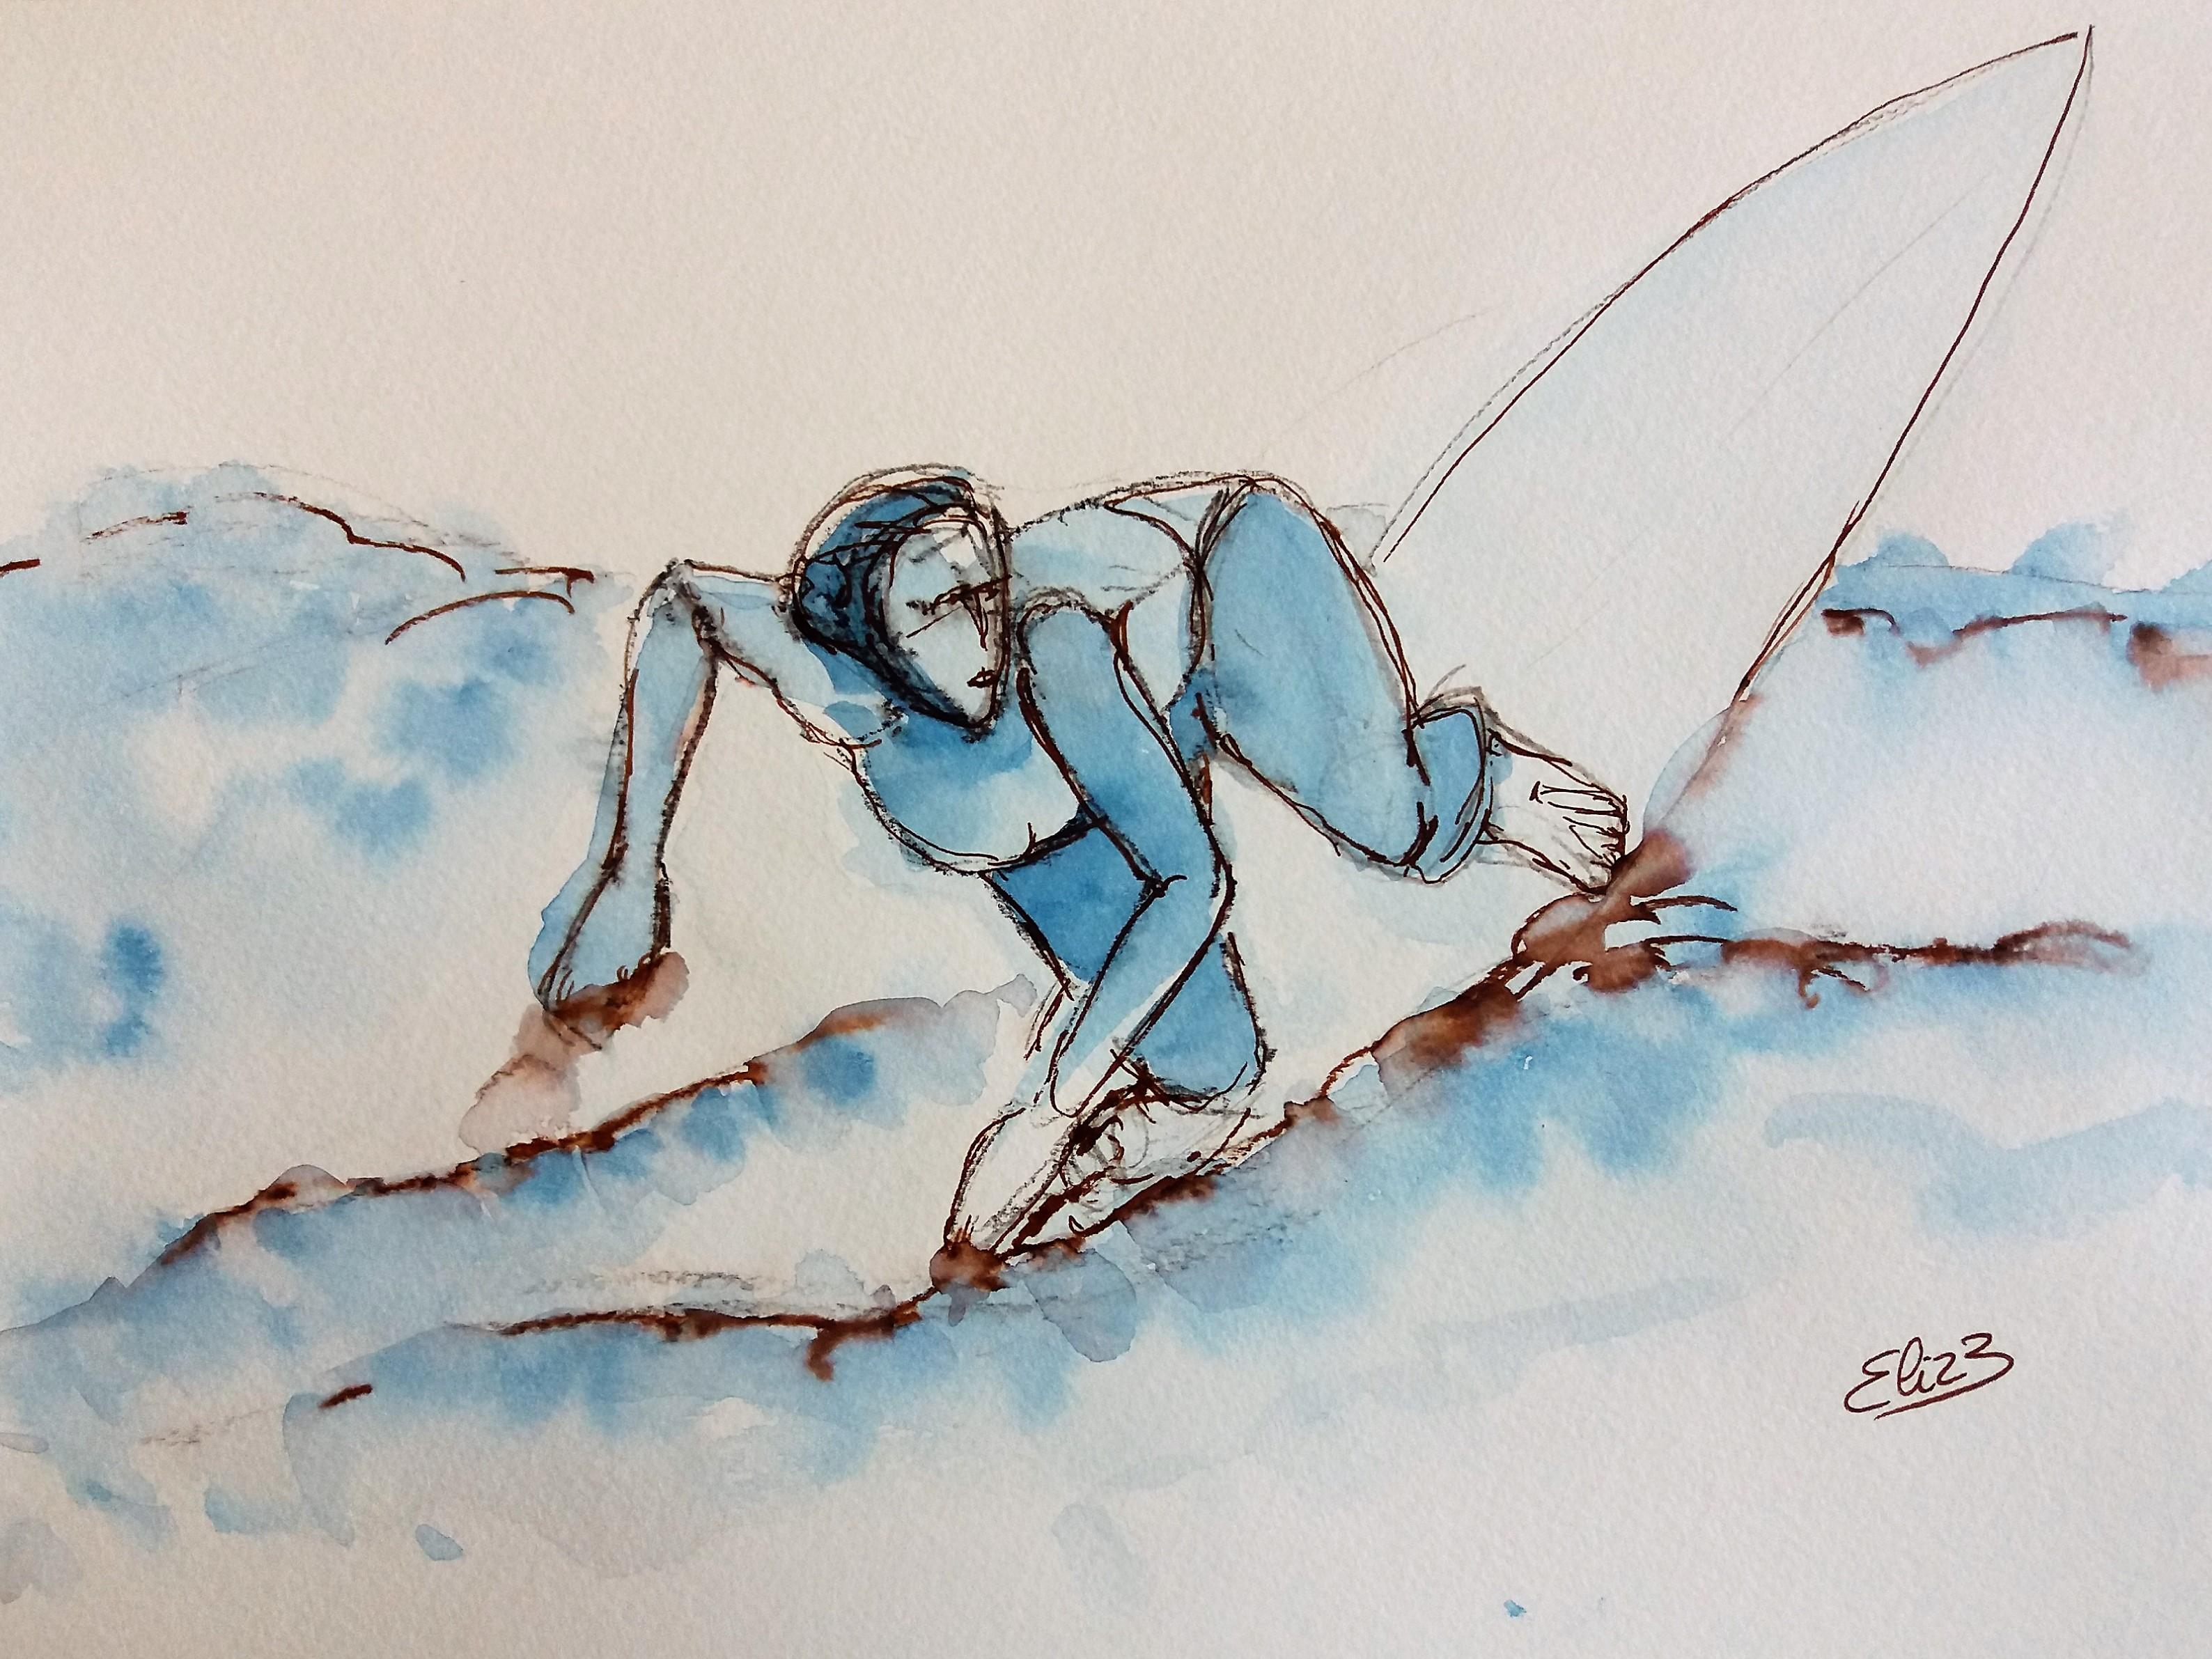 surfer sur la vague rouleau surfeuse sur la plage, dessin esquisse par elize pour pigmentropie encre bleu et trait marron